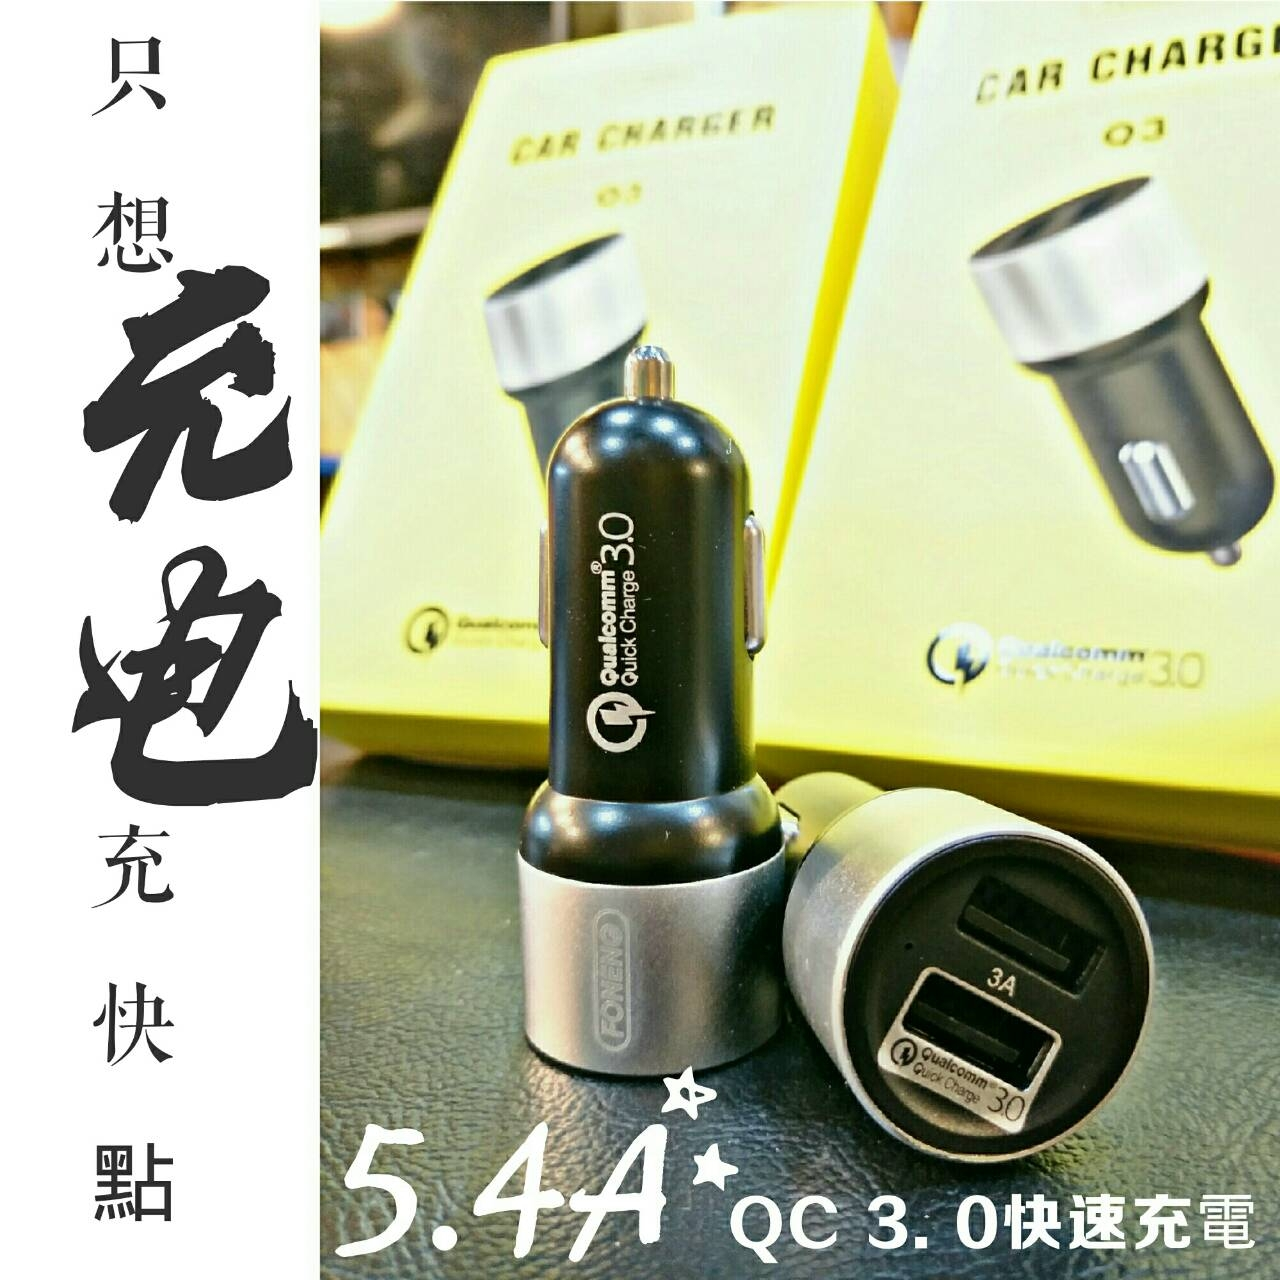 蜂能-5A金屬雙USB快速車充QC3.0快速充電車充車載車充車用一分二點煙器